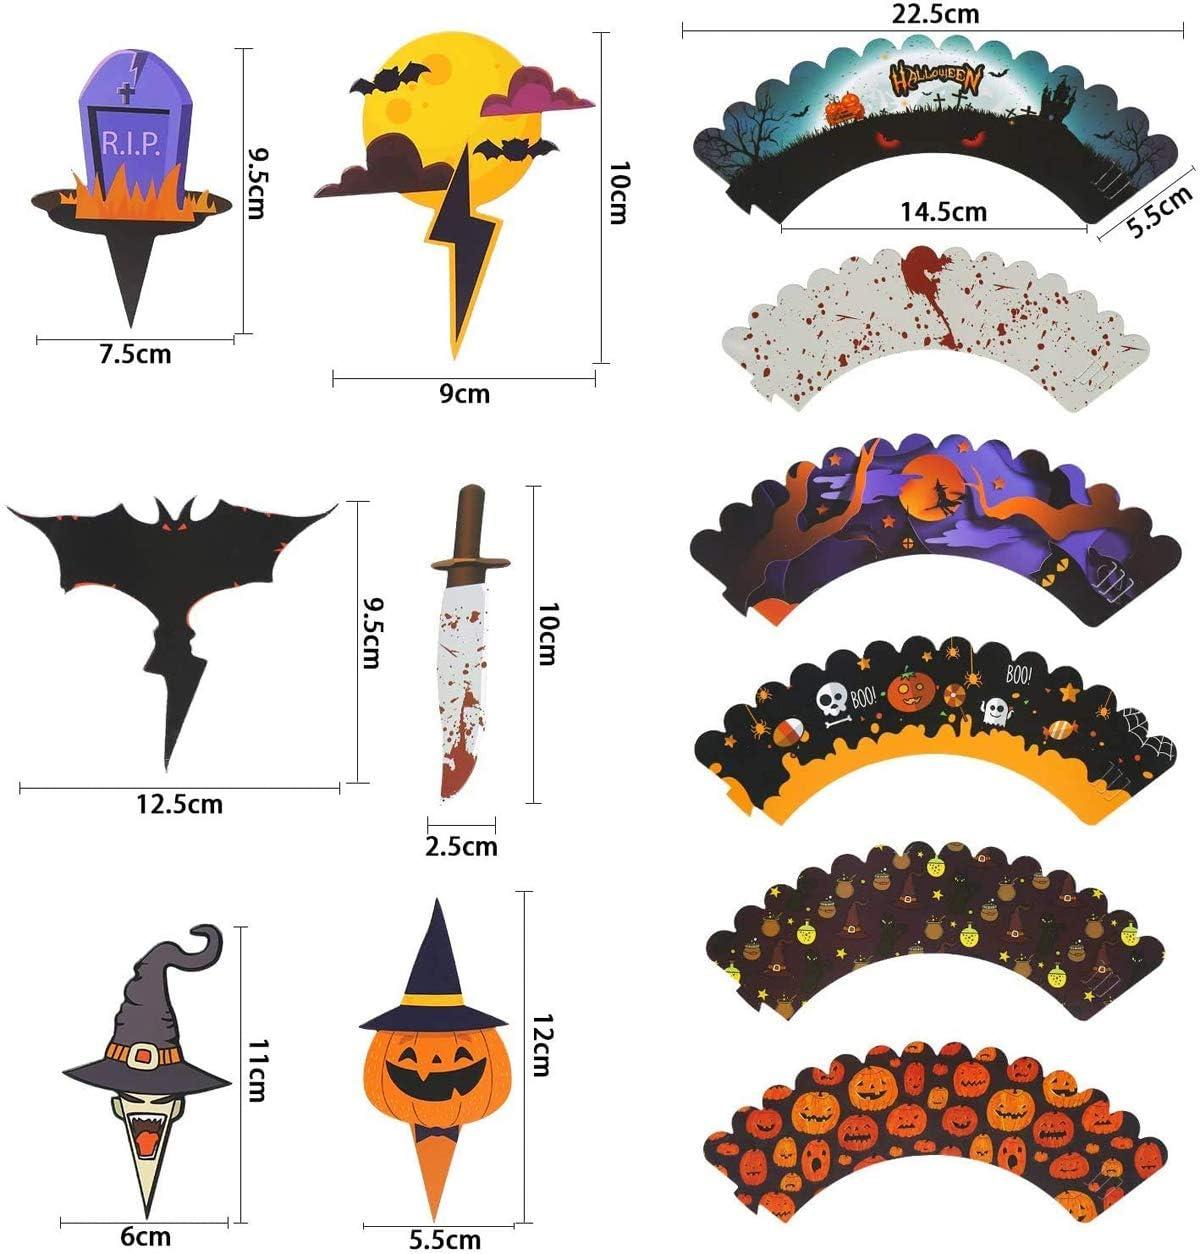 Fant/ôme De Citrouille Chauve-Souris Araign/ée Cake Wrappers Halloween G/âteau /À La Main D/écorations Fournitures 48PCS QIMMU Halloween Cupcake Toppers Wrappers